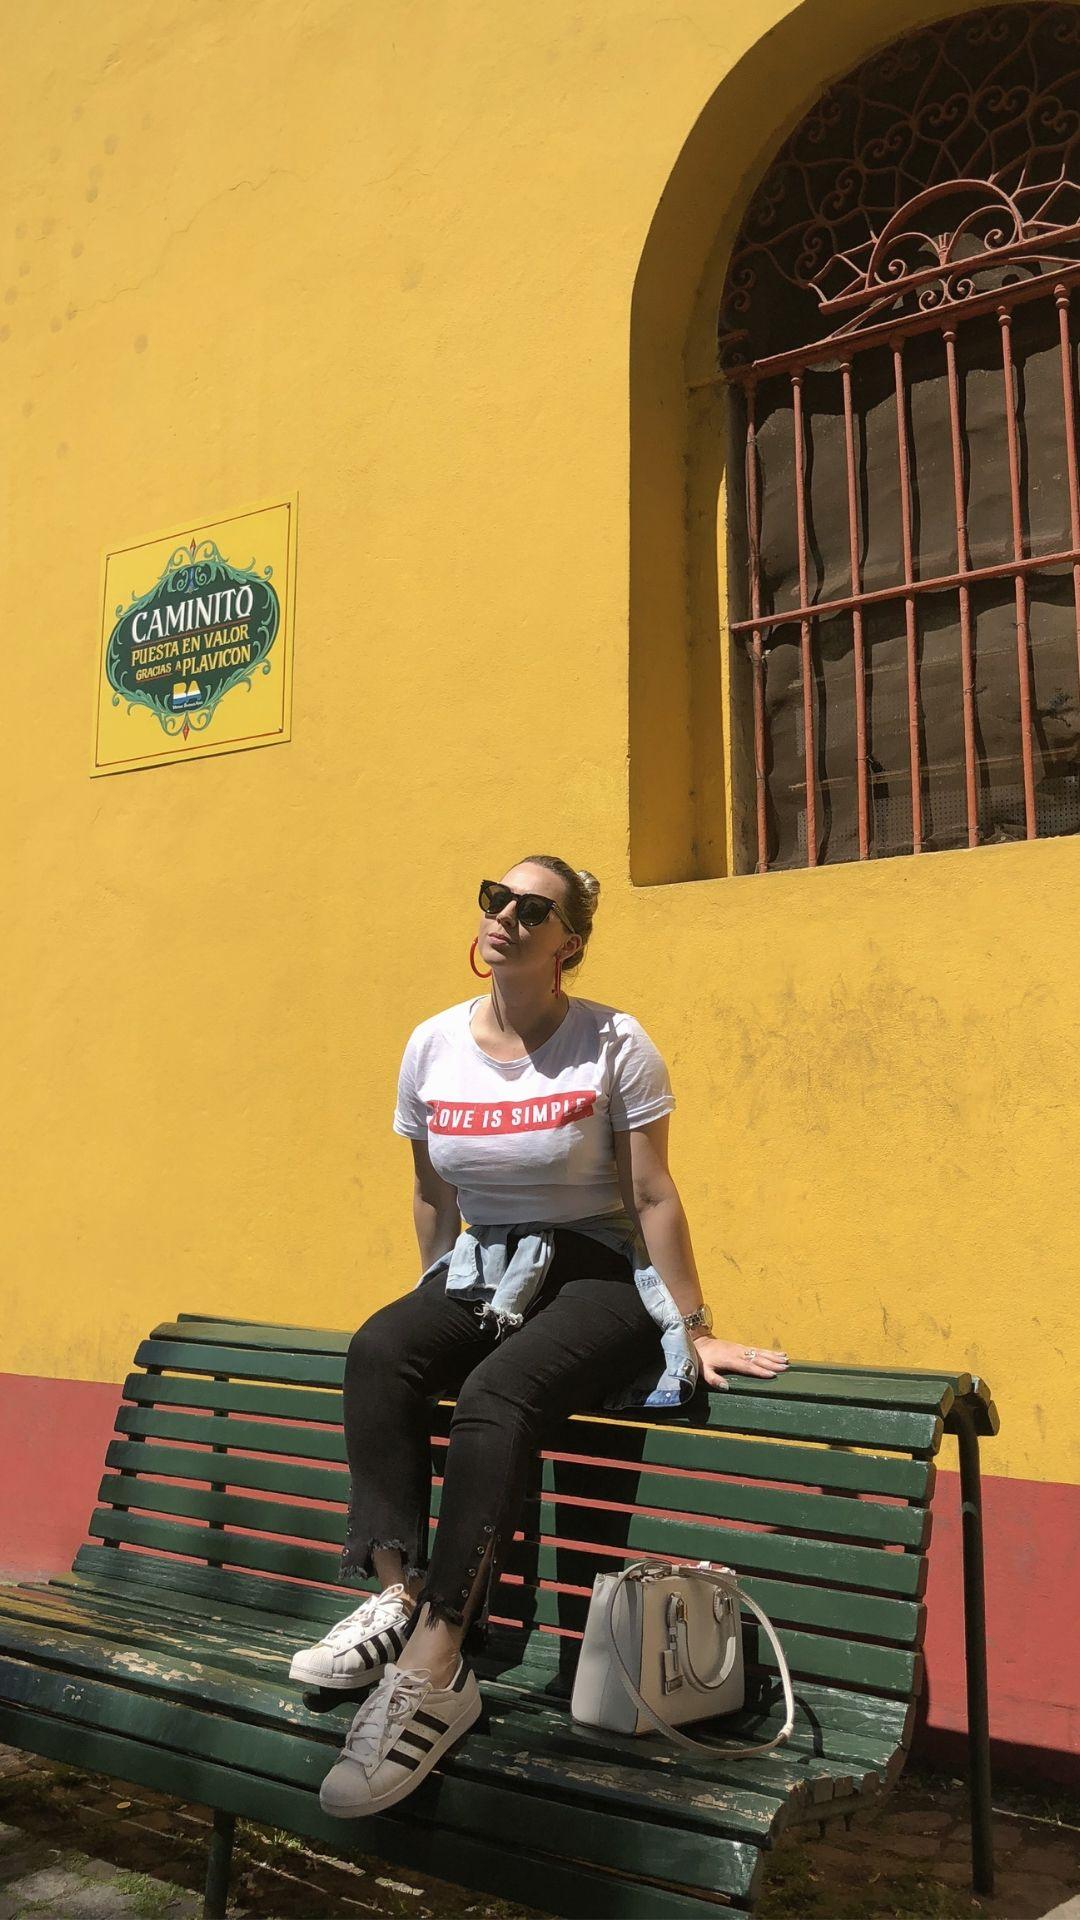 Fabi sentada em banco no bairro Caminito, Buenos Aires